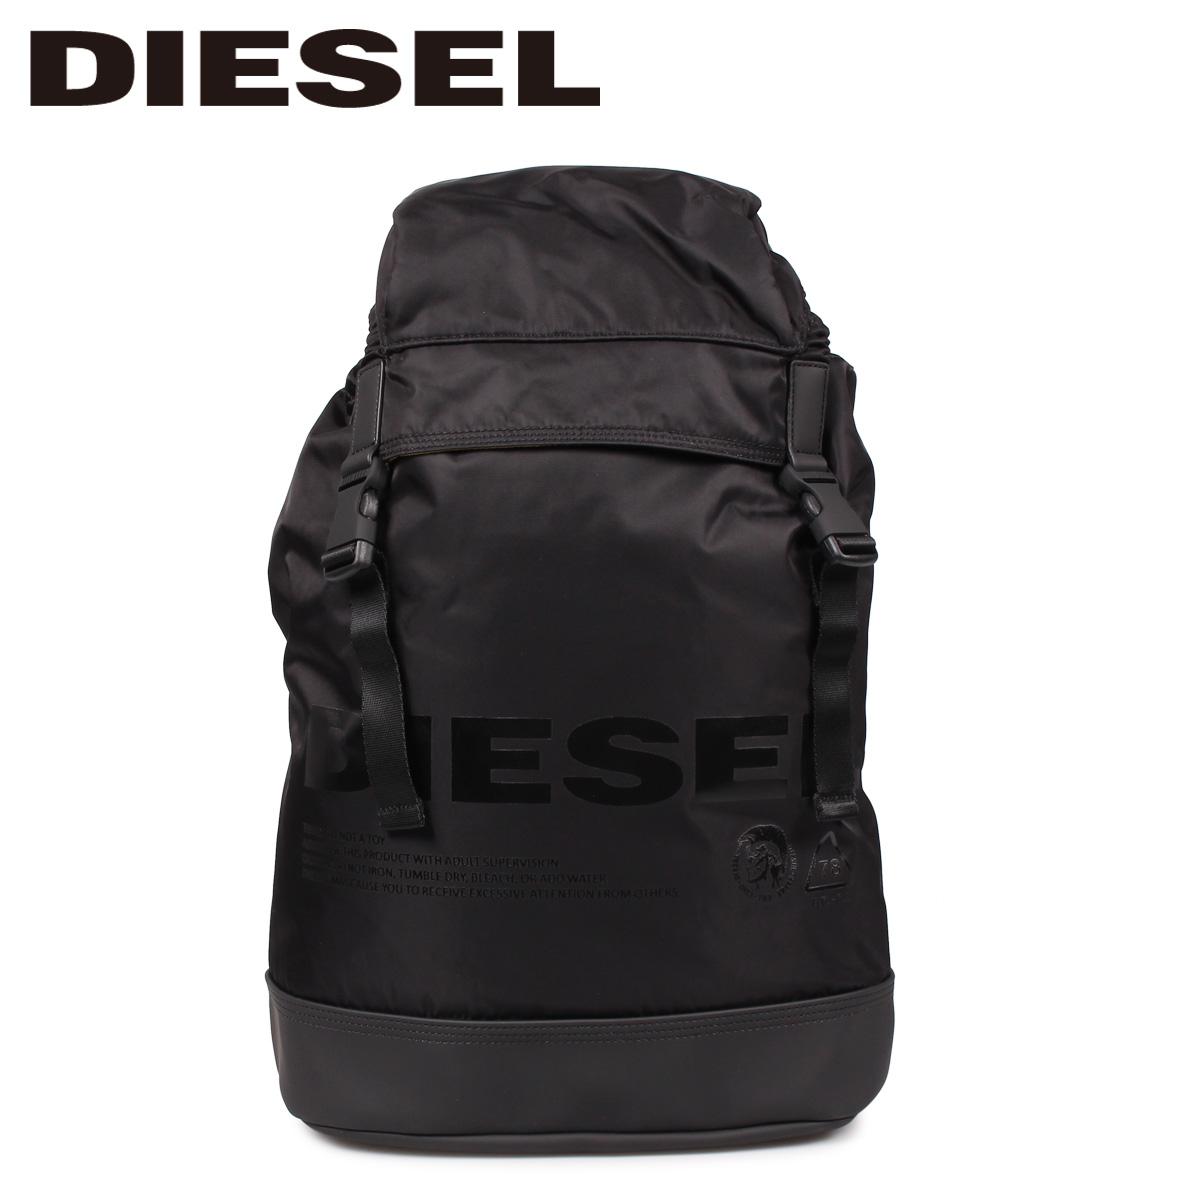 DIESEL ディーゼル バッグ リュック バックパック メンズ F-SUSE BACK ブラック 黒 X06091 P2249